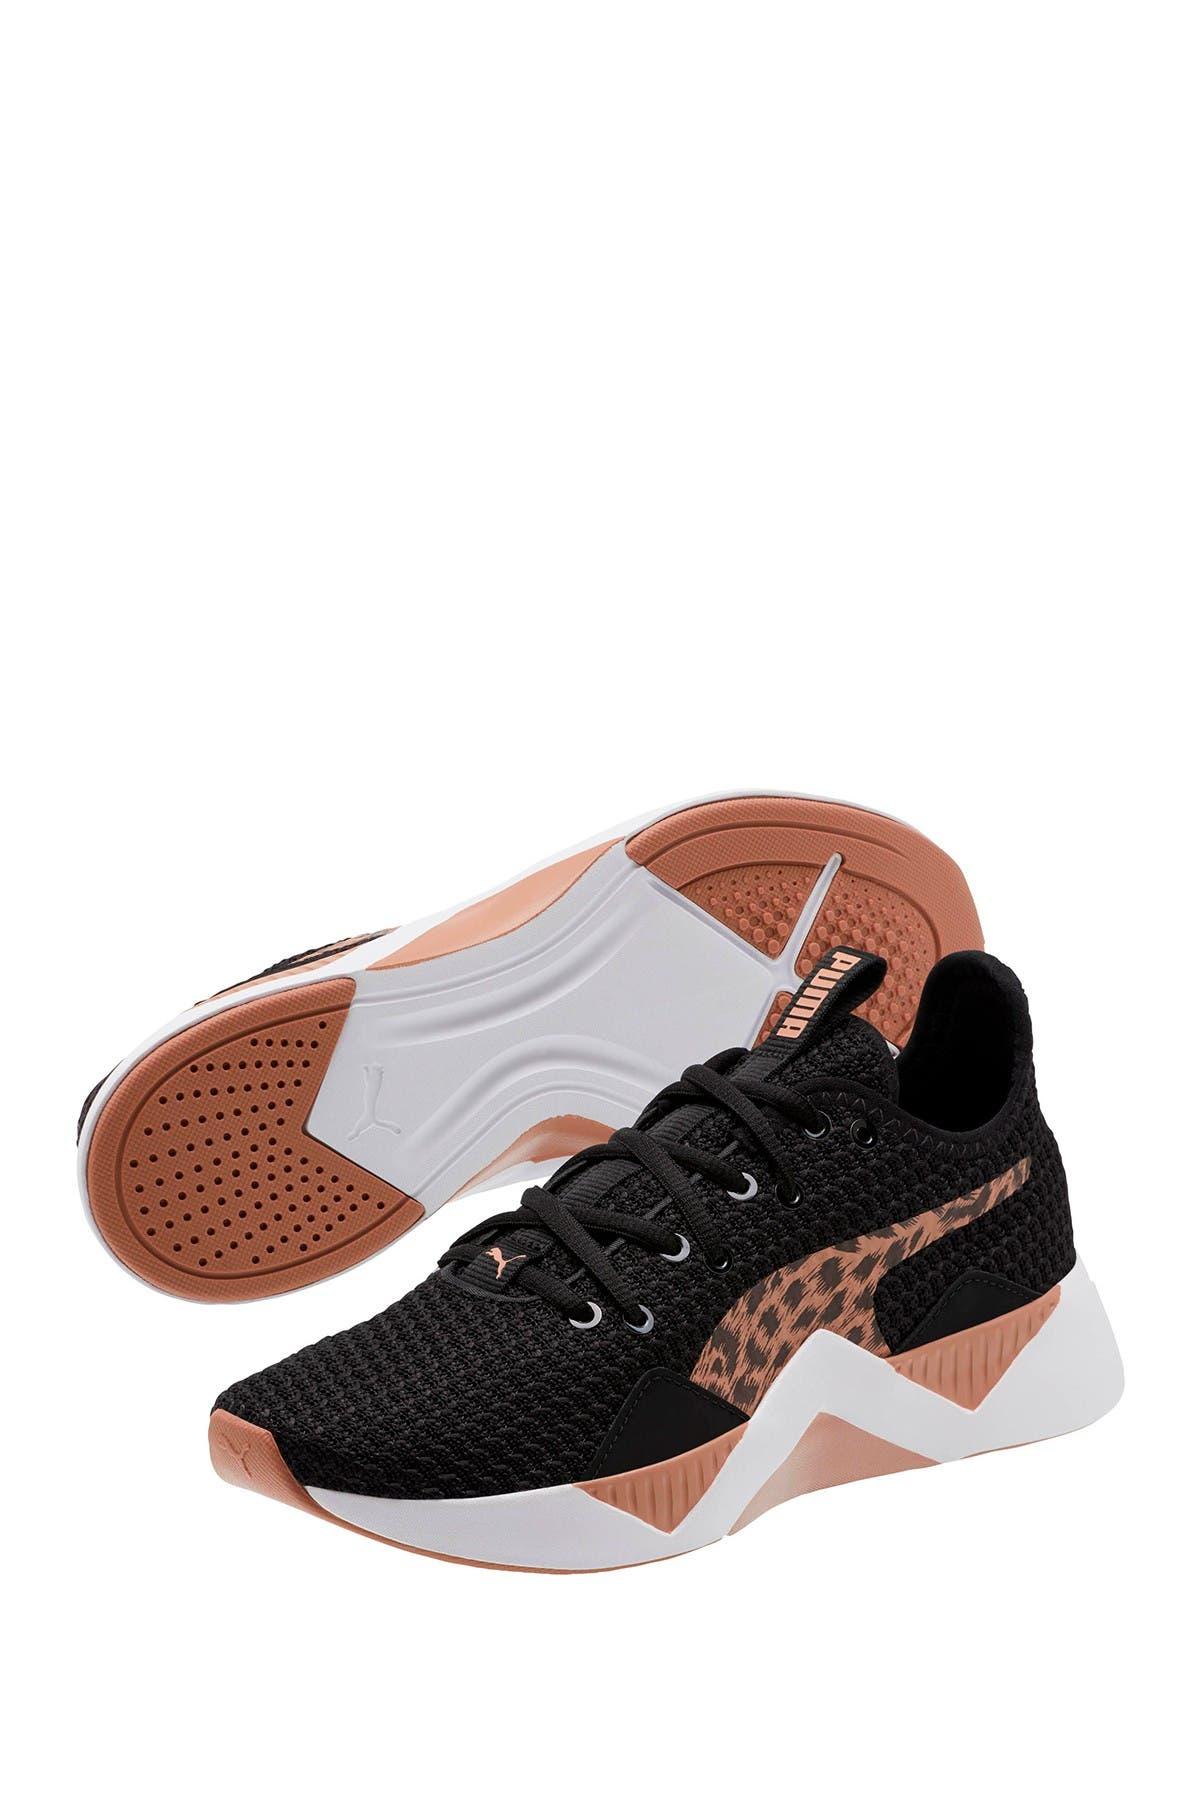 PUMA | Incite Leopard Sneaker